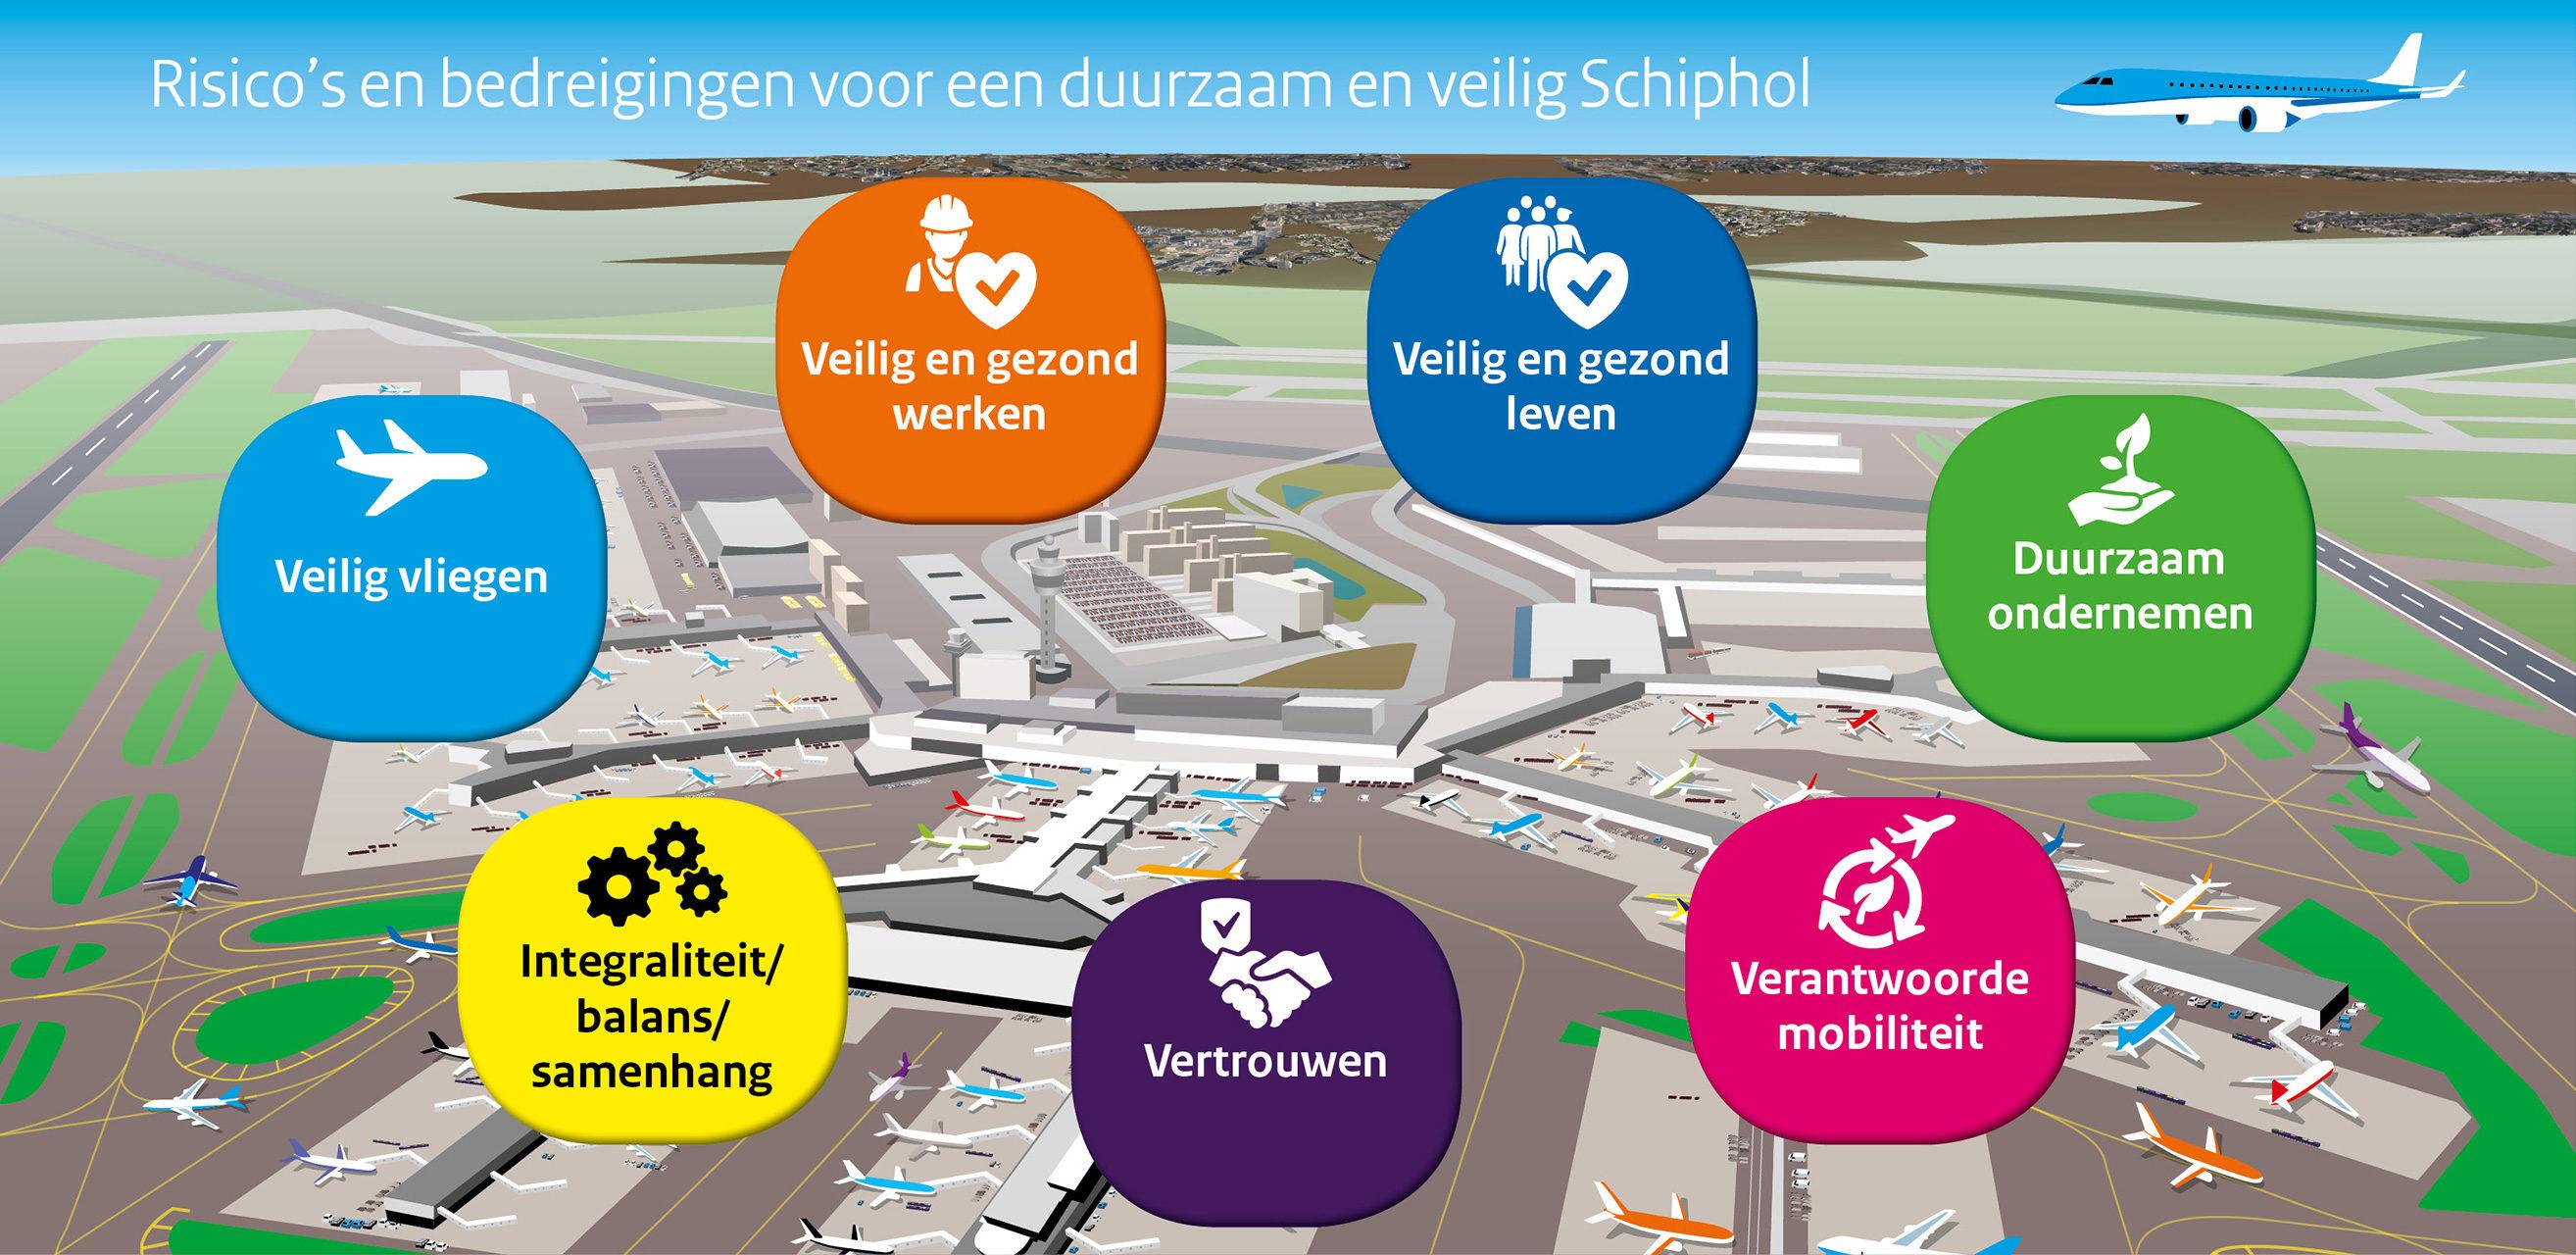 Duurzaam en veilig Schiphol